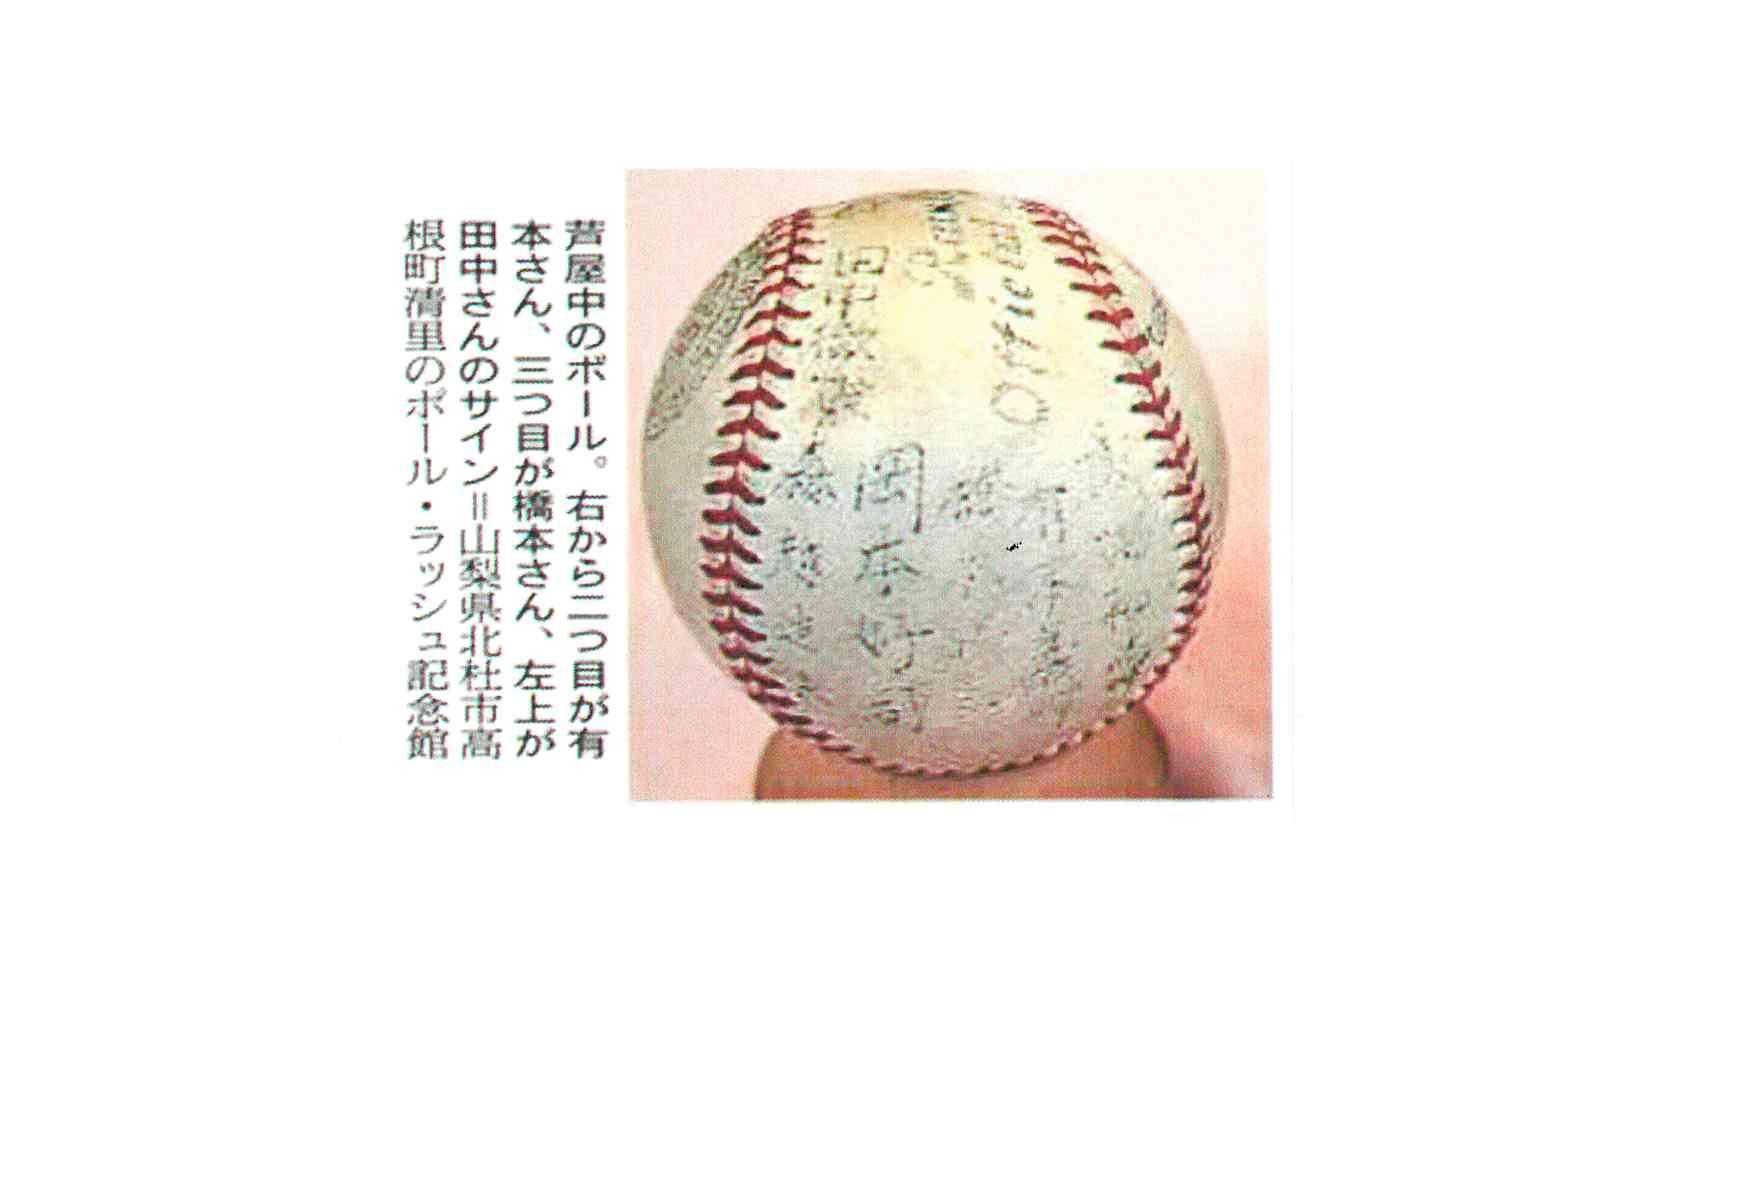 朝日記事・7月29日付夕刊